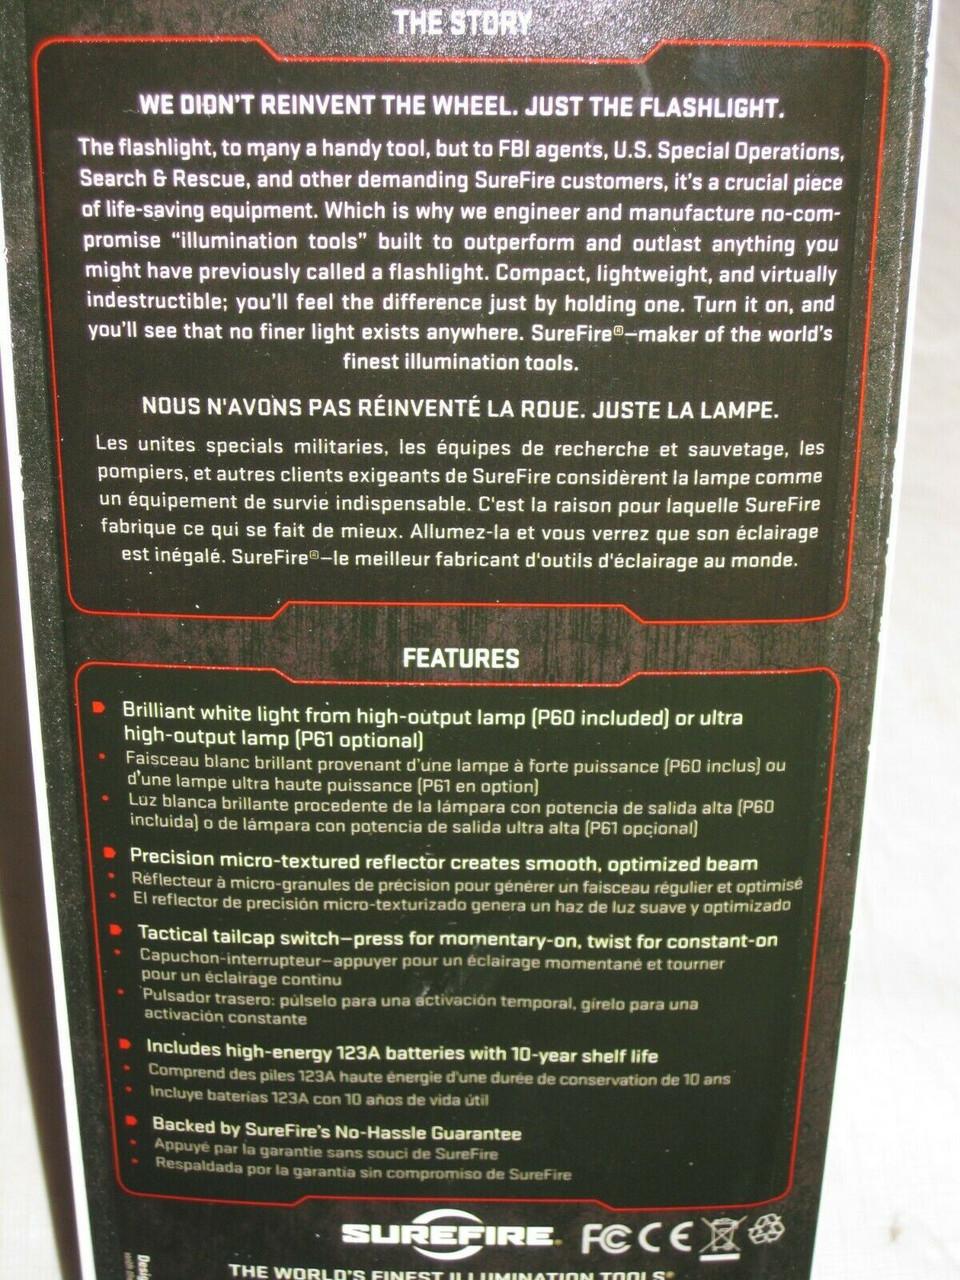 NEW SUREFIRE ORIGINAL CLASSIC 6P INCANDESCENT 65 LUMEN HANDHELD FLASHLIGHT XENON